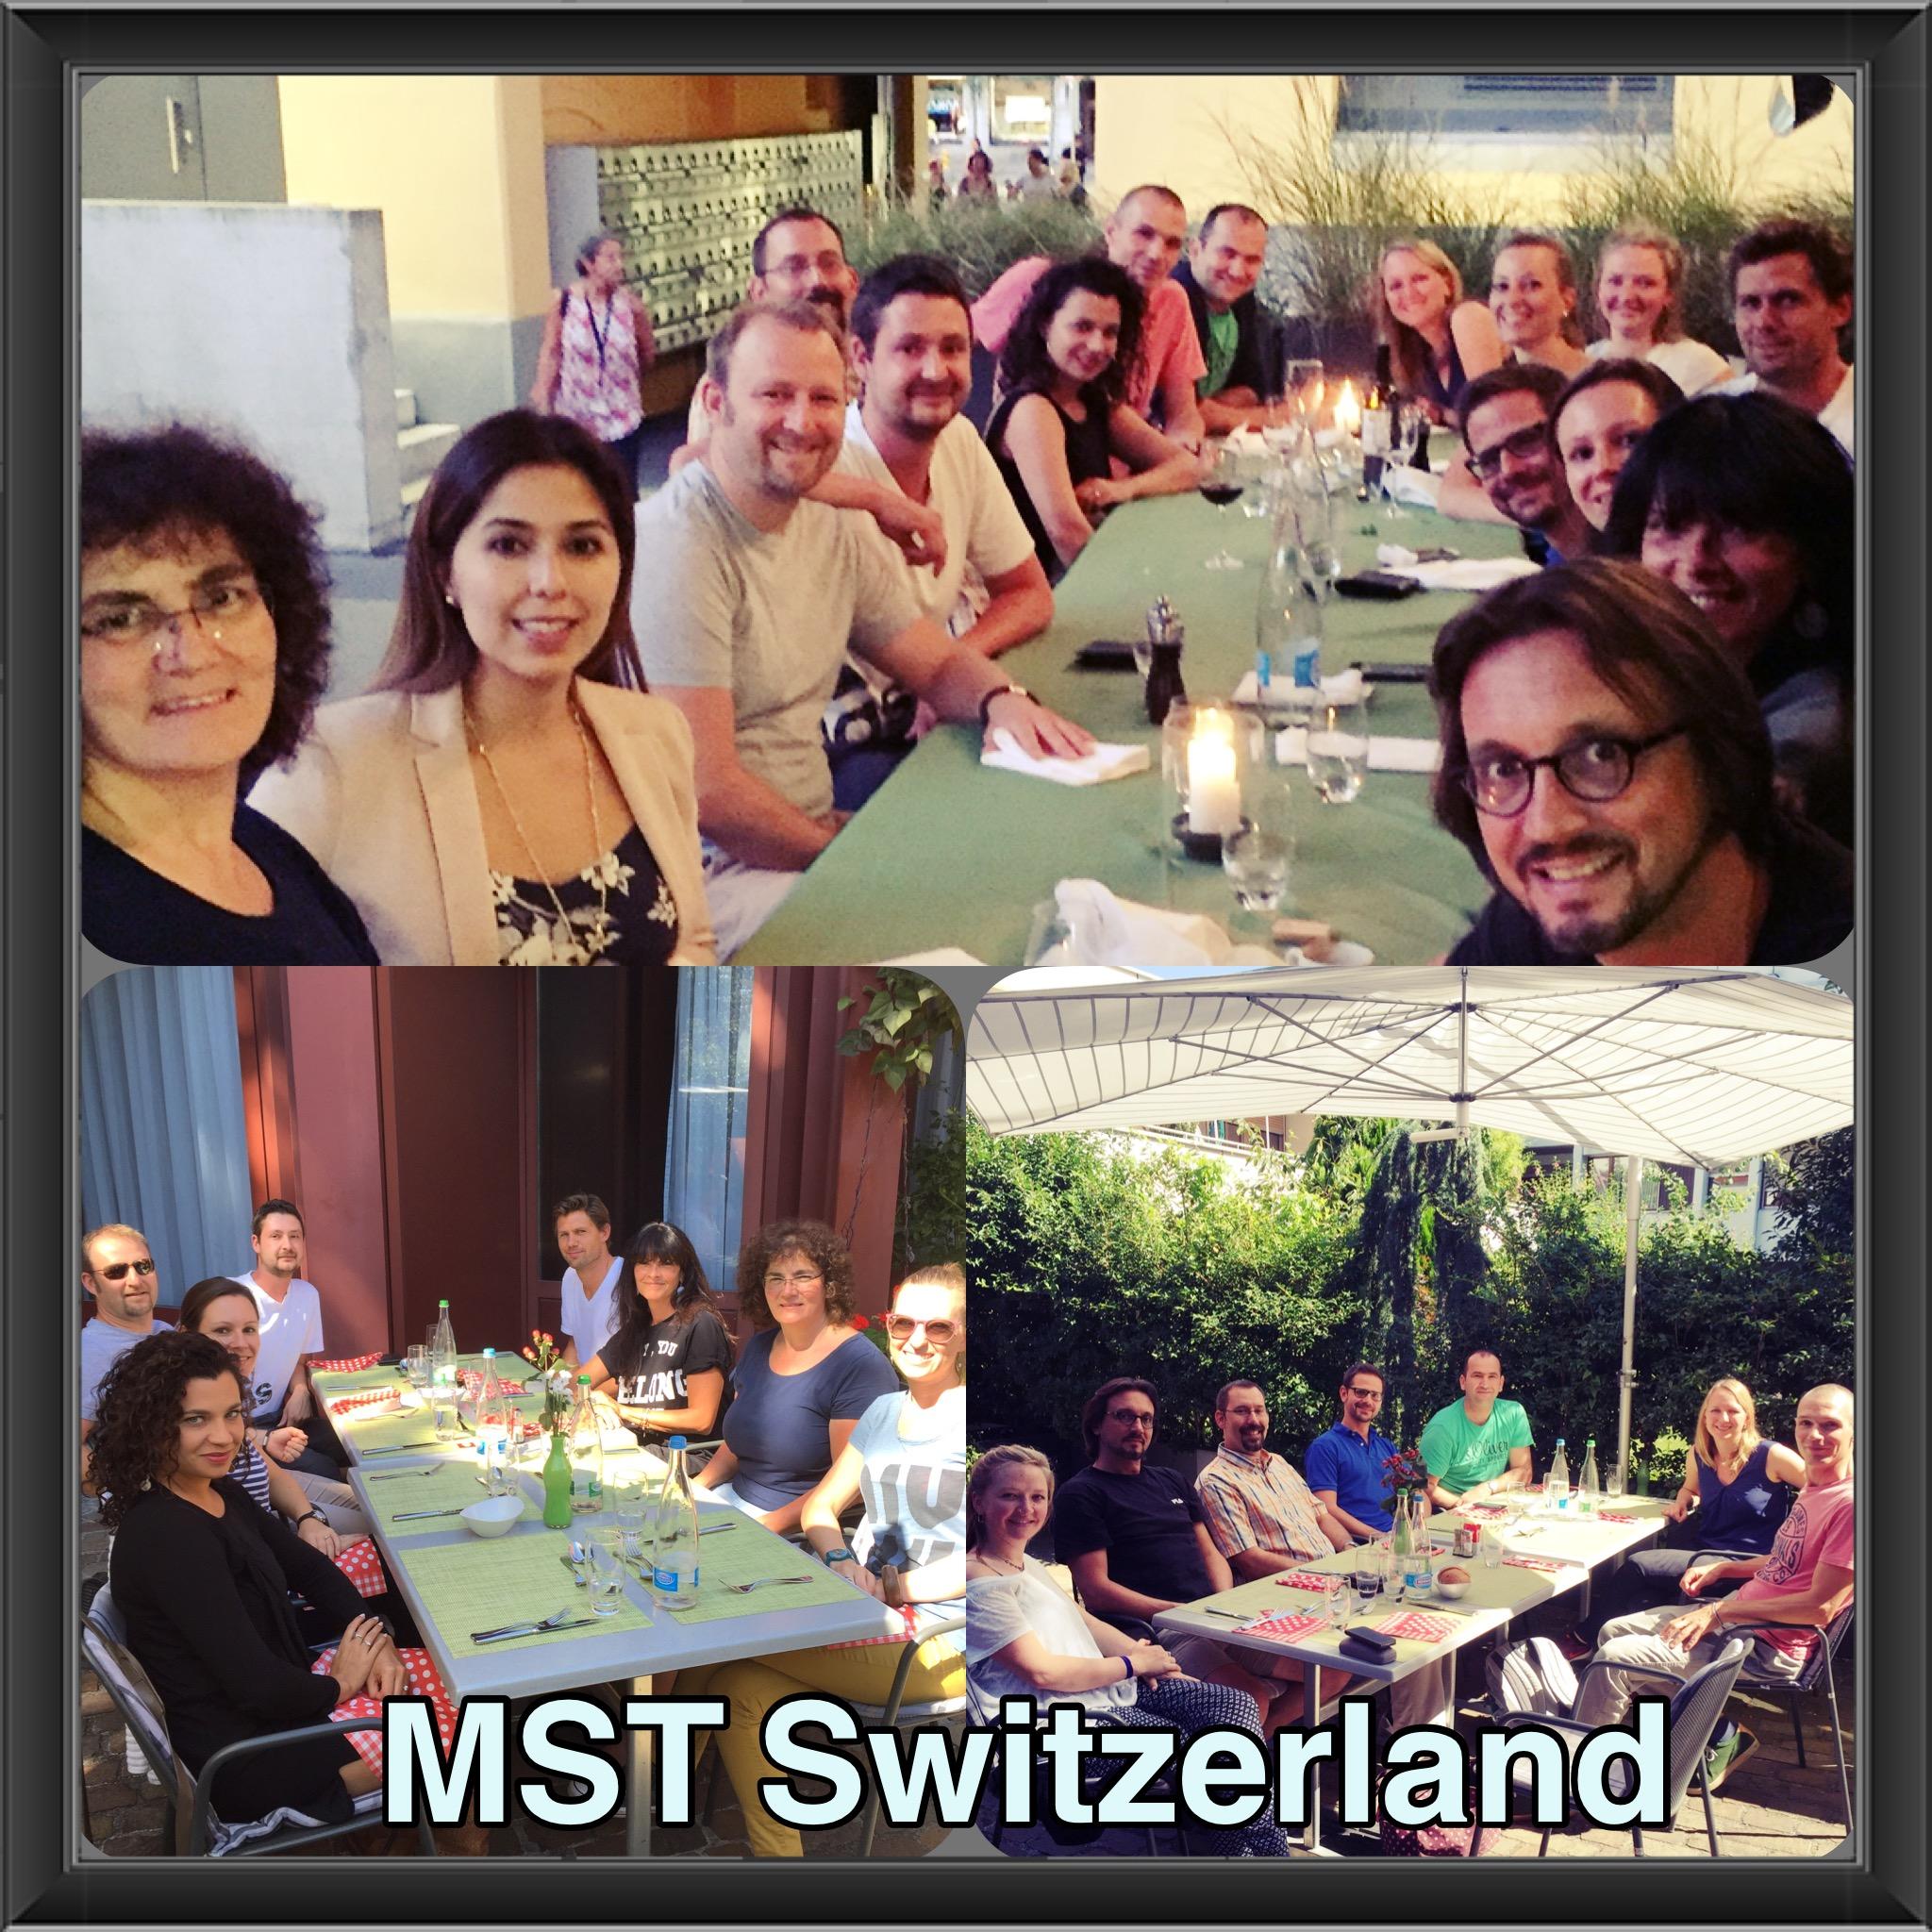 MST Switzerland Collage